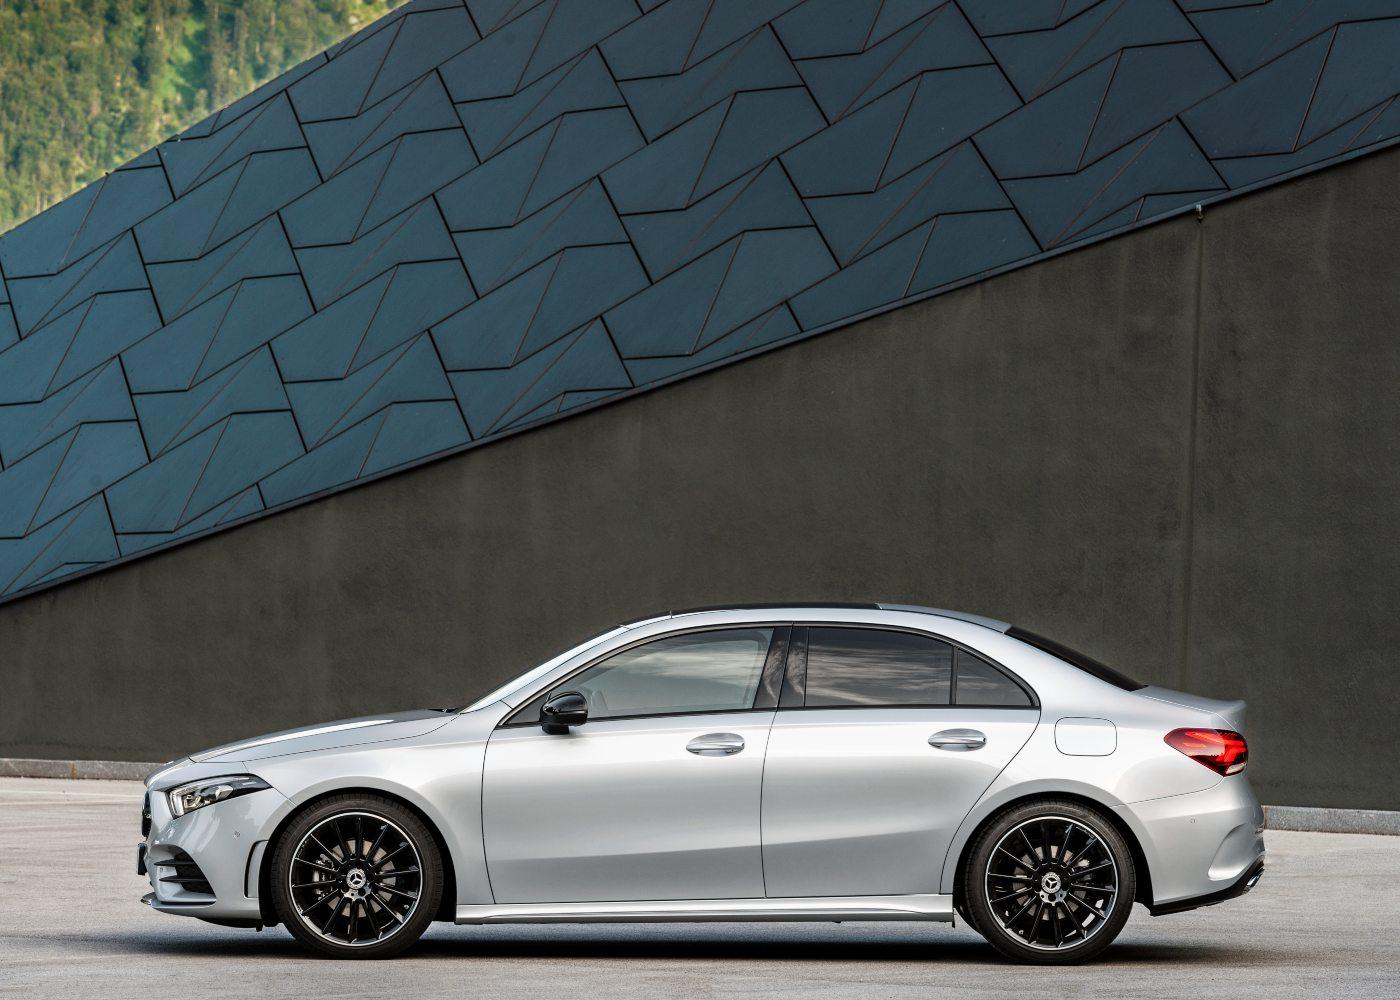 Mercedes Classe A Limousine